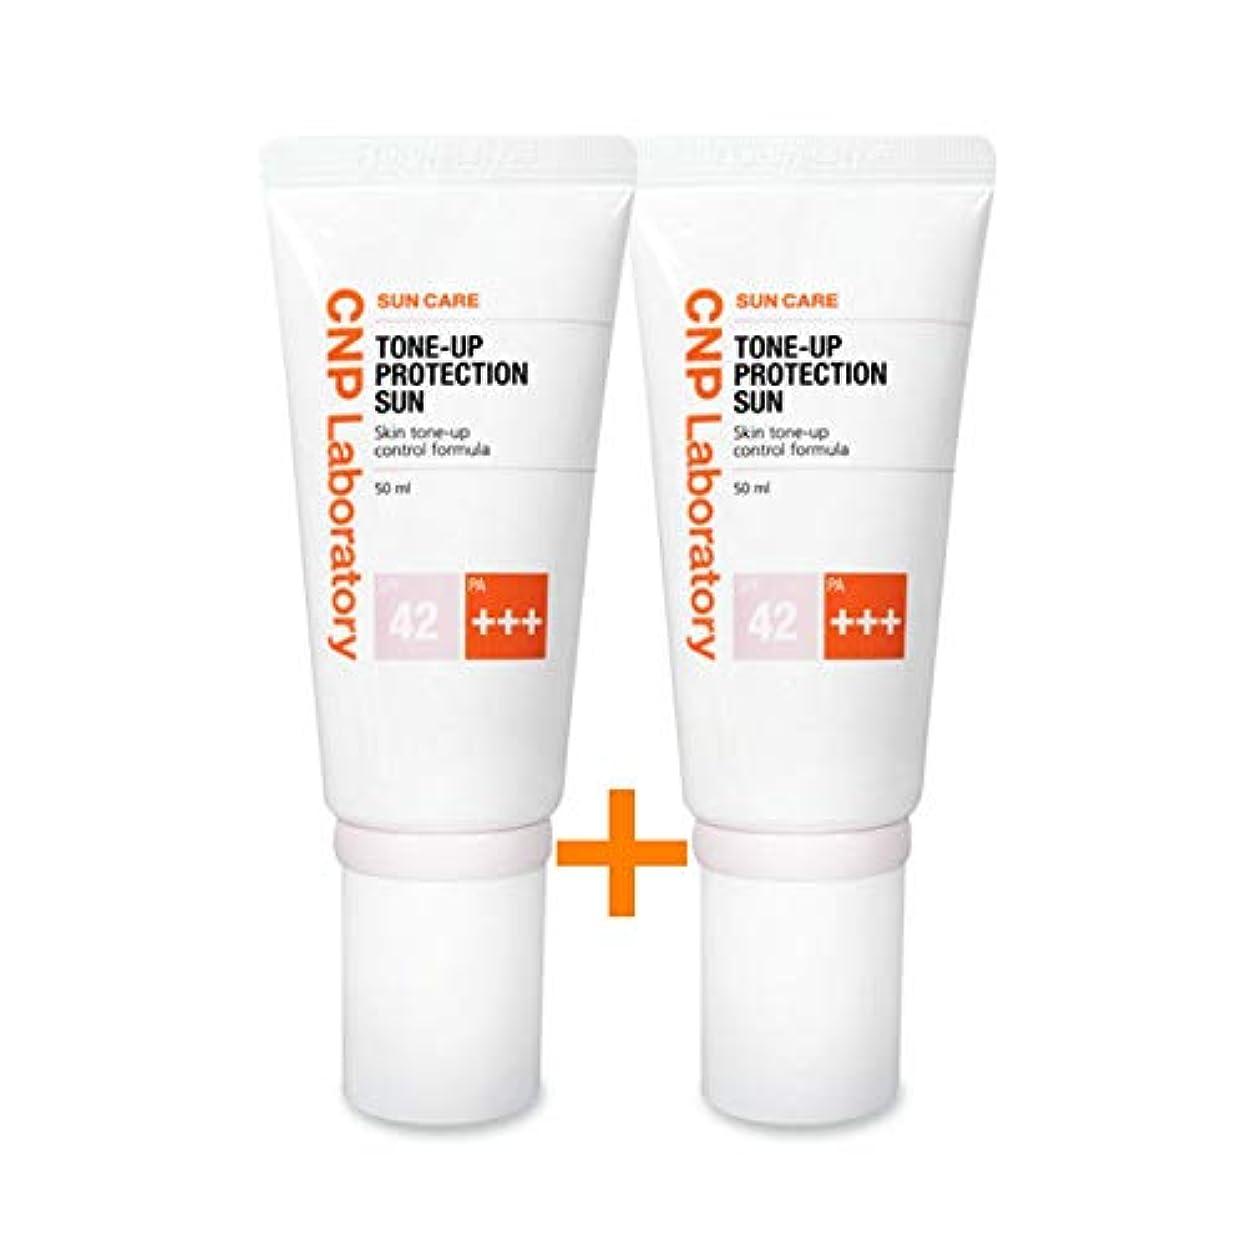 予測ご飯マニアック[ 1 + 1 ] CNPトンオププロテクションサン?クリーム紫外線遮断剤 (SPF42 / PA+++) 50ml、CNP Tone-up Protection Sun Cream (SPF42 / PA+++) 50ml...